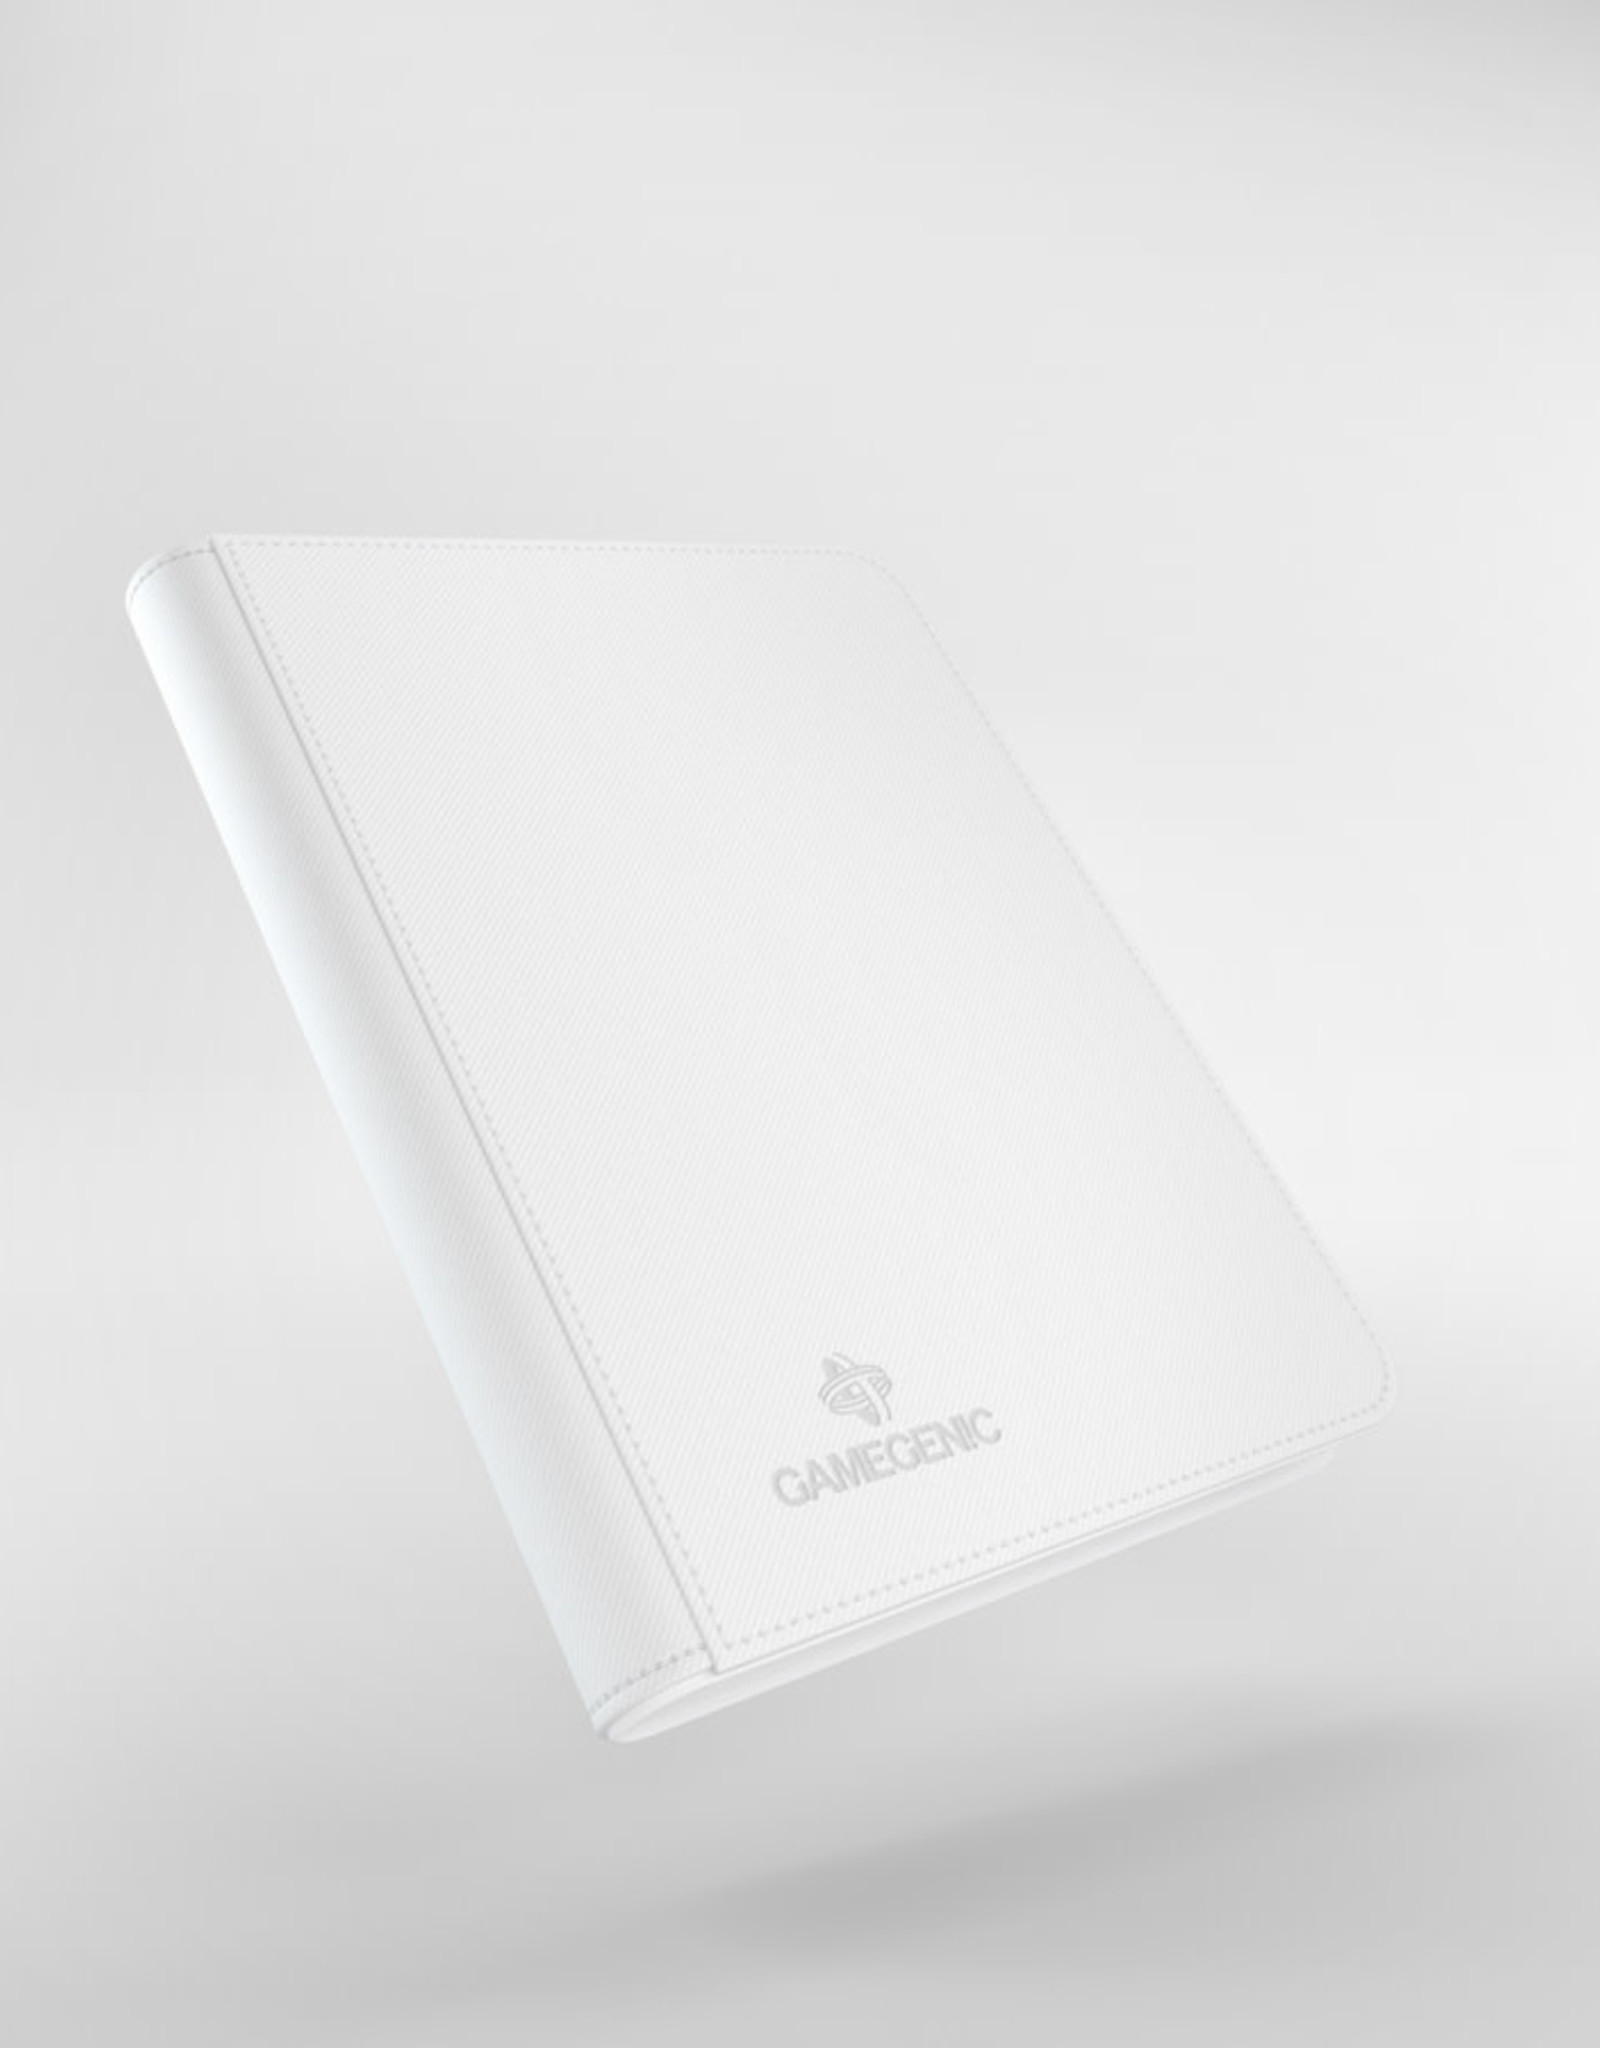 Binder: 8-Pocket Zip-Up Album White